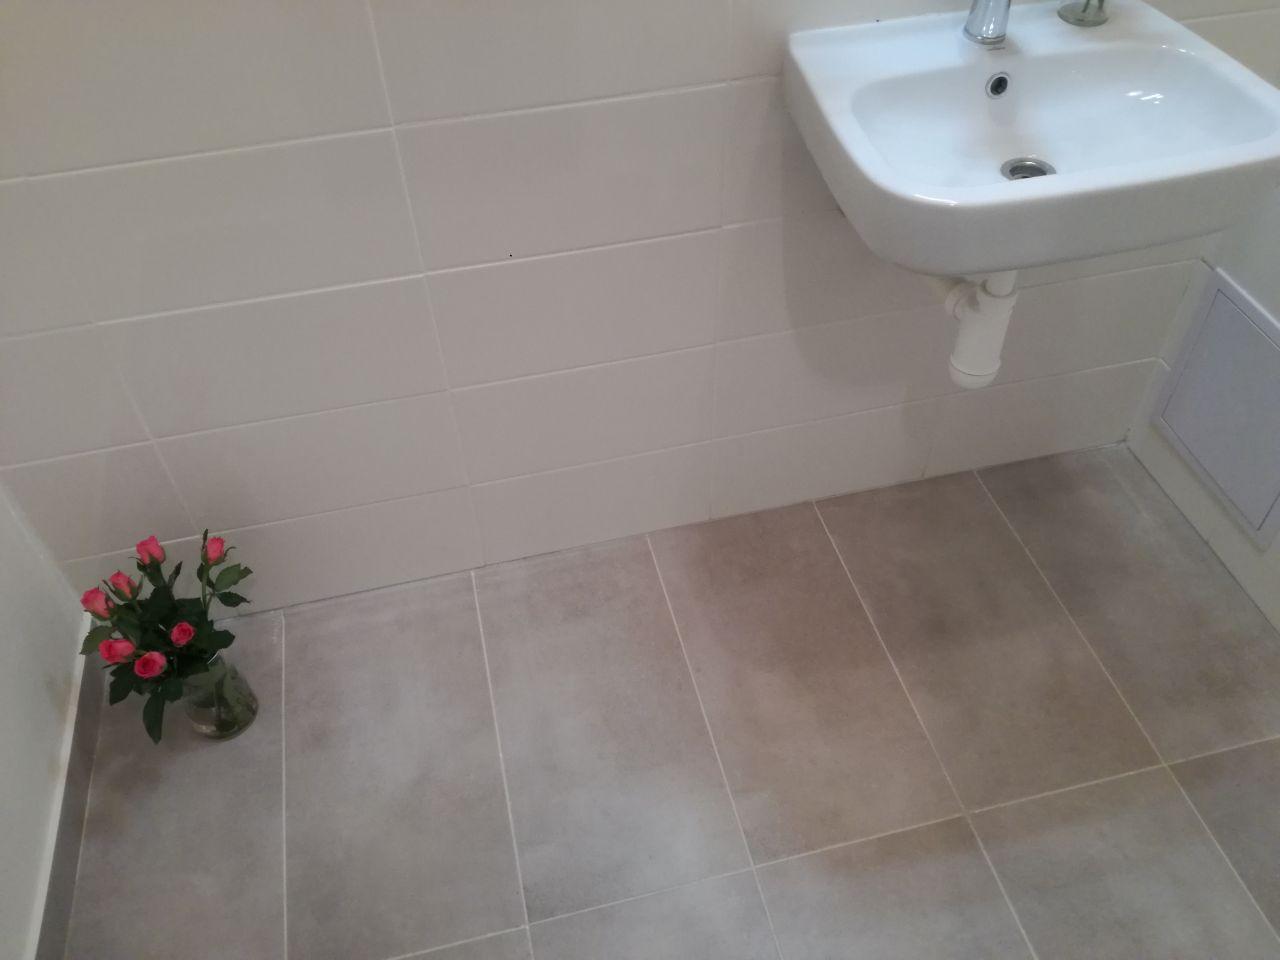 Pronájem bytu 1+1 38 m2, ul. Svazácká 2141/10, Ostrava - Zábřeh